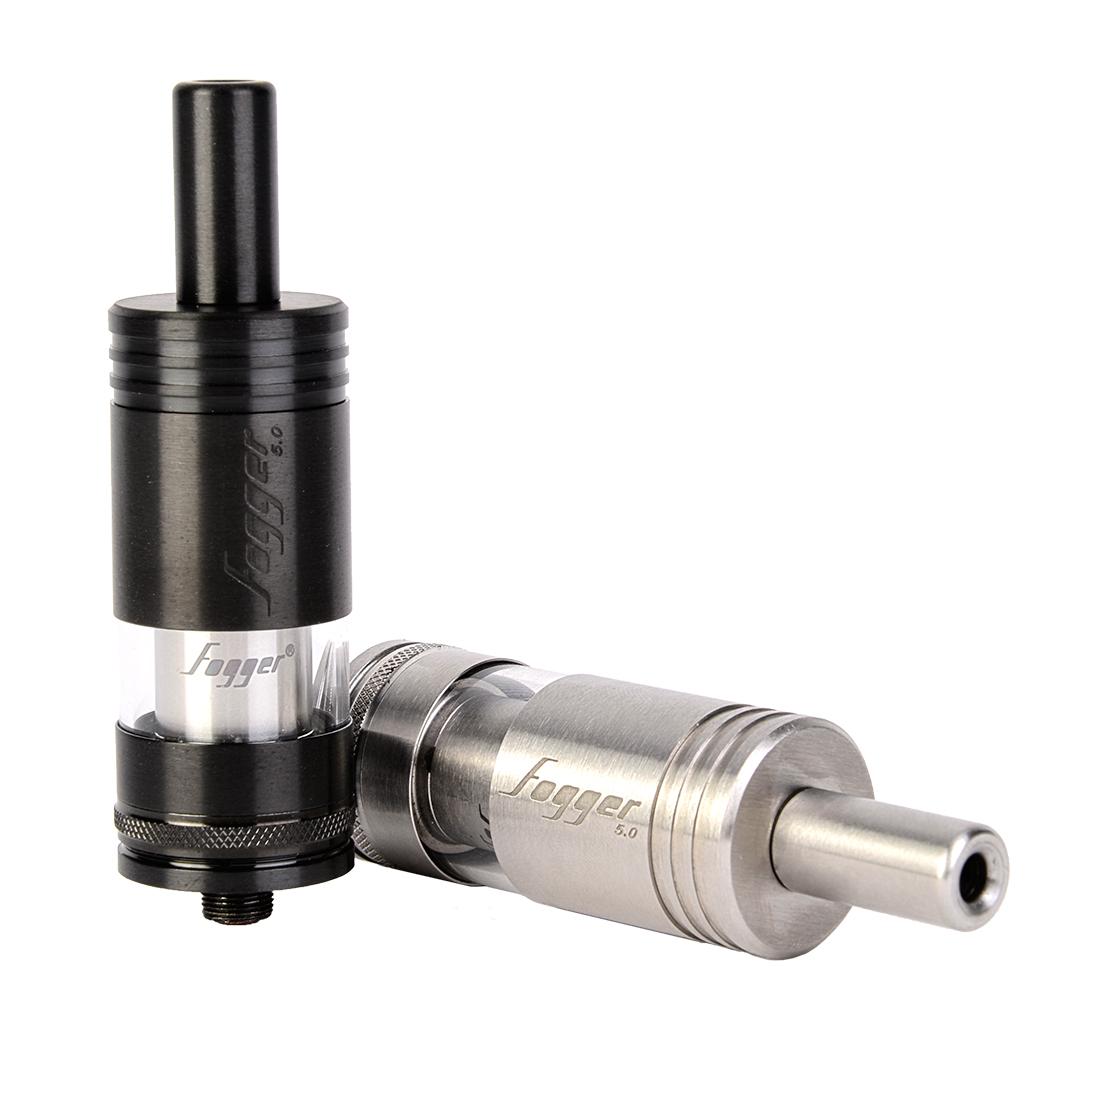 Atomiseur fogger v5